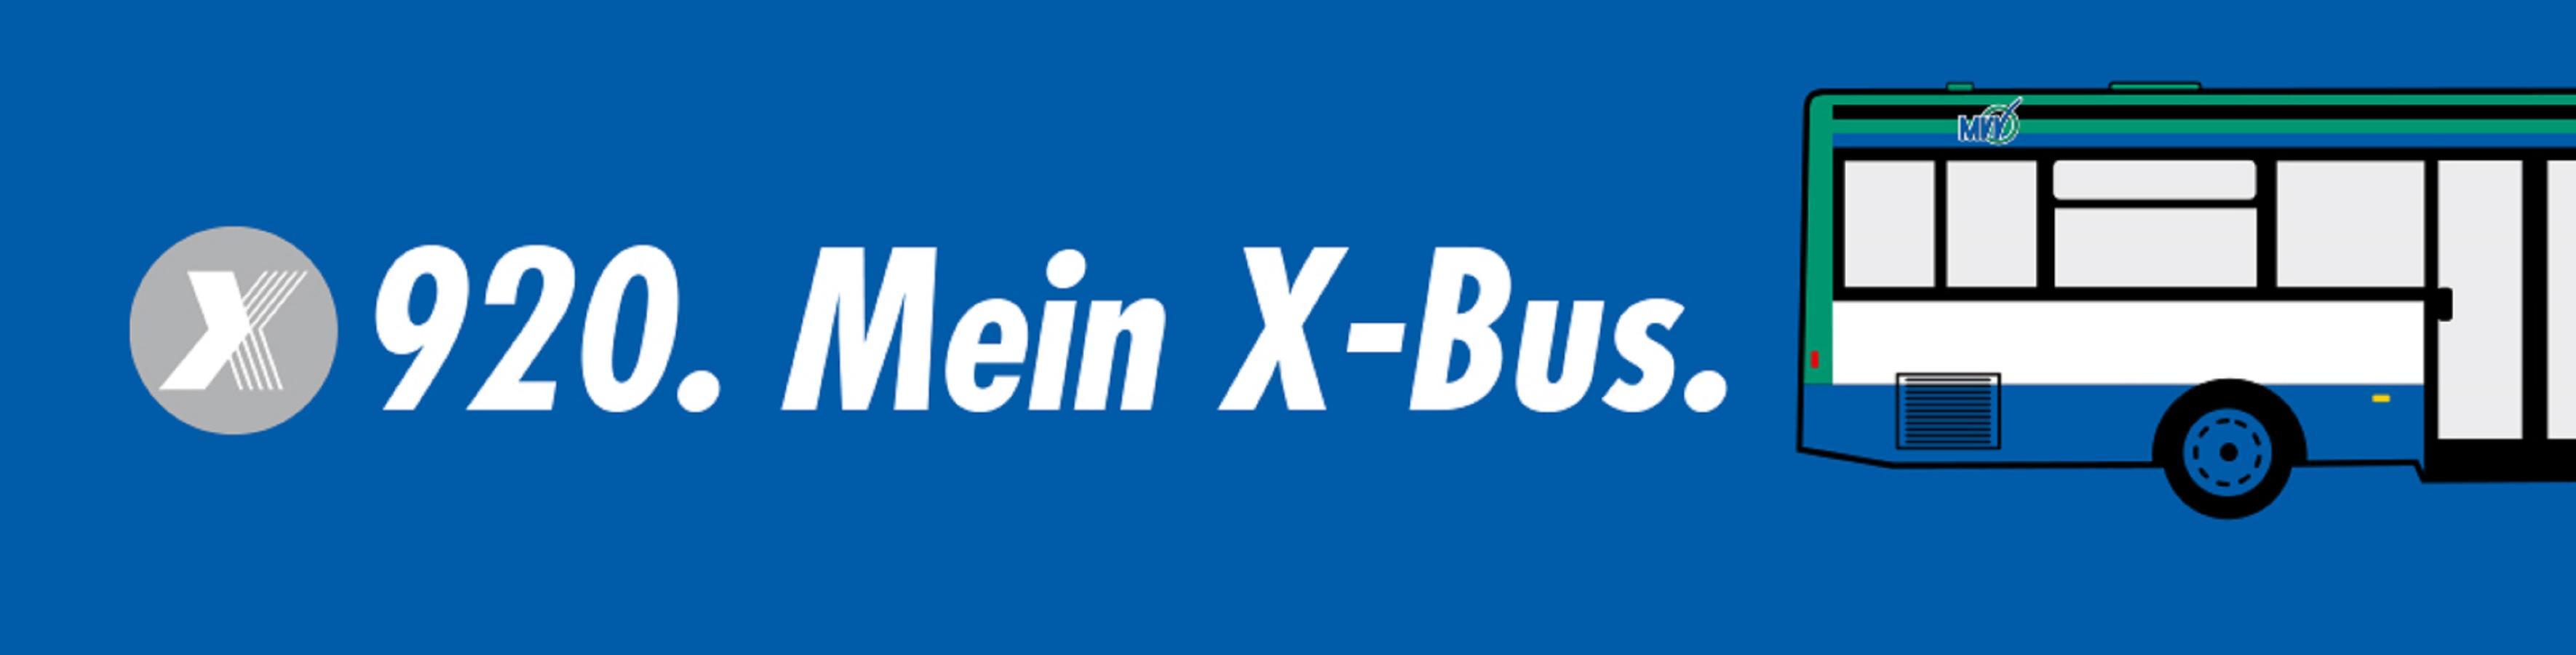 Buslinie X920 - Xpressbuslinie